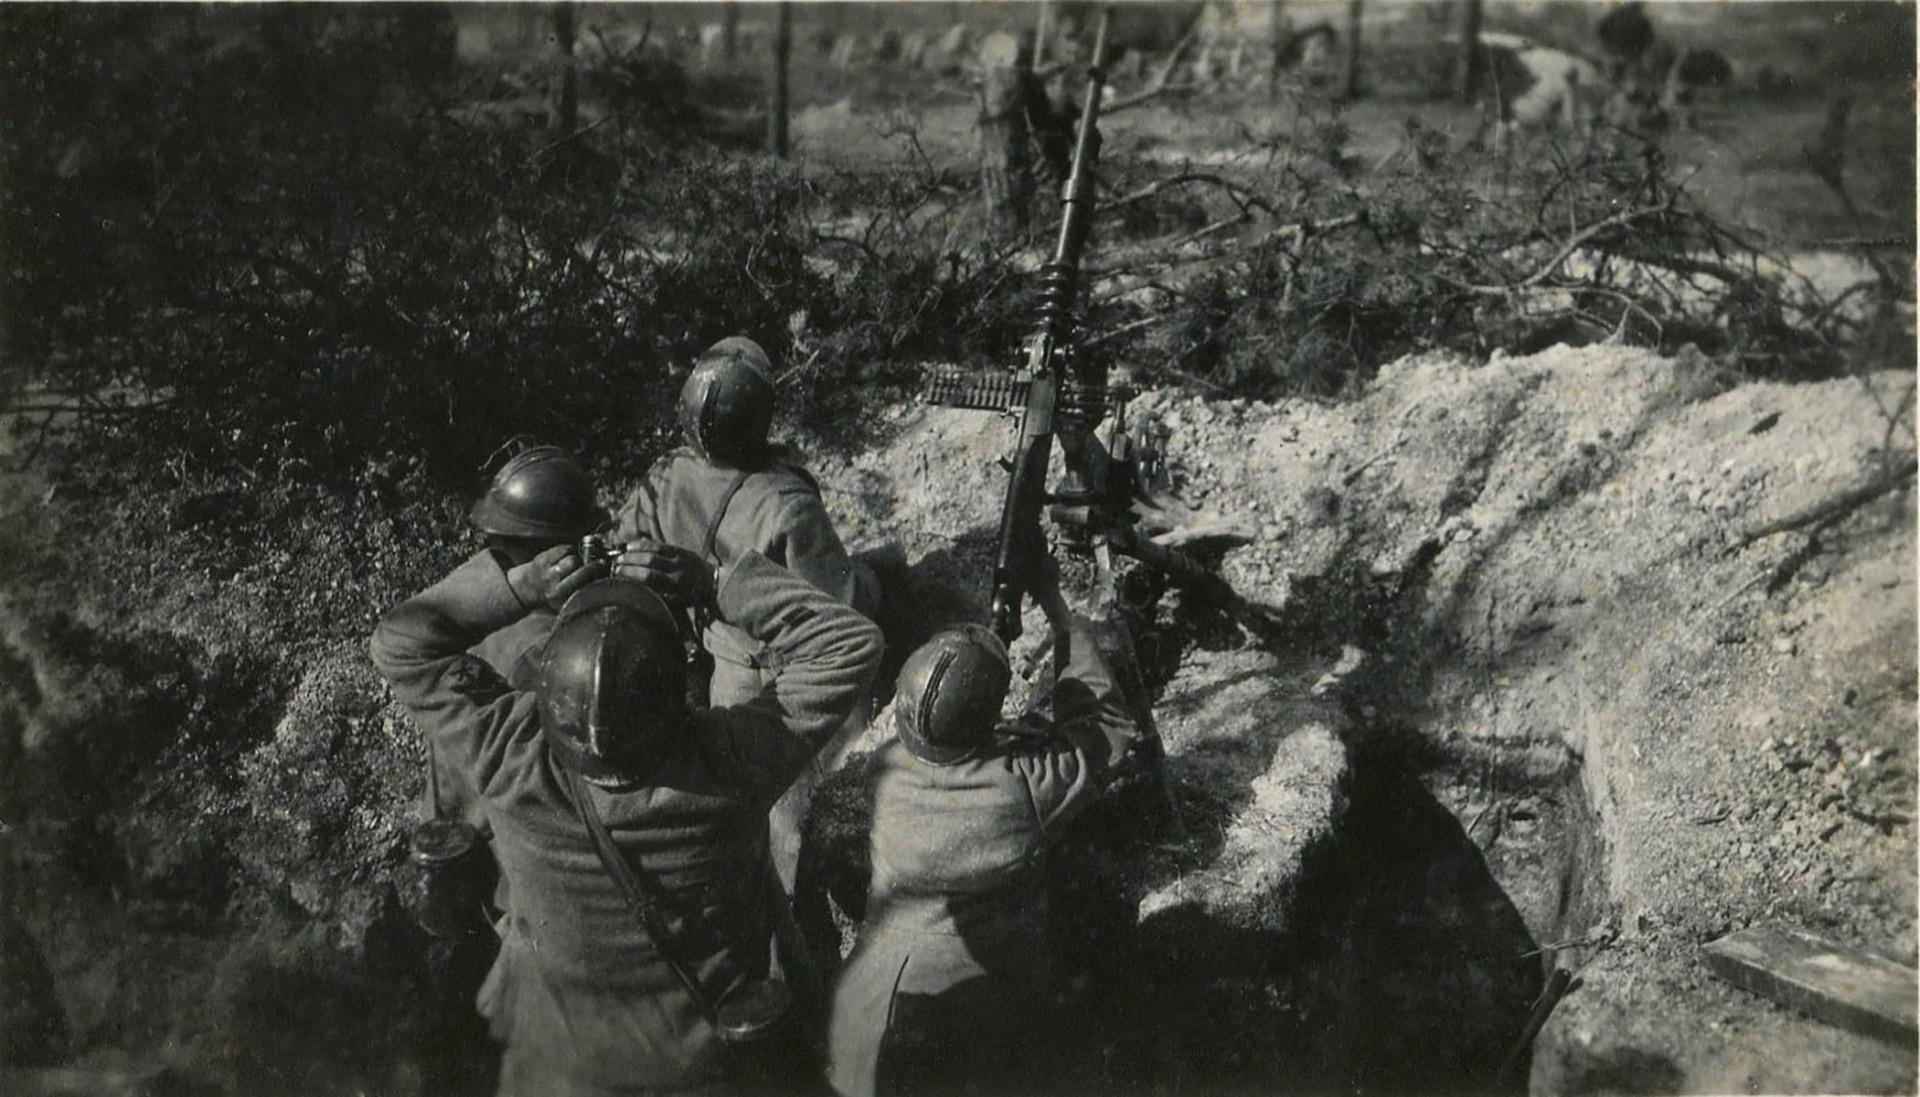 Soldados franceses apuntan una ametralladora Hotchkiss M1914 al cielo, en busca de aviones enemigos